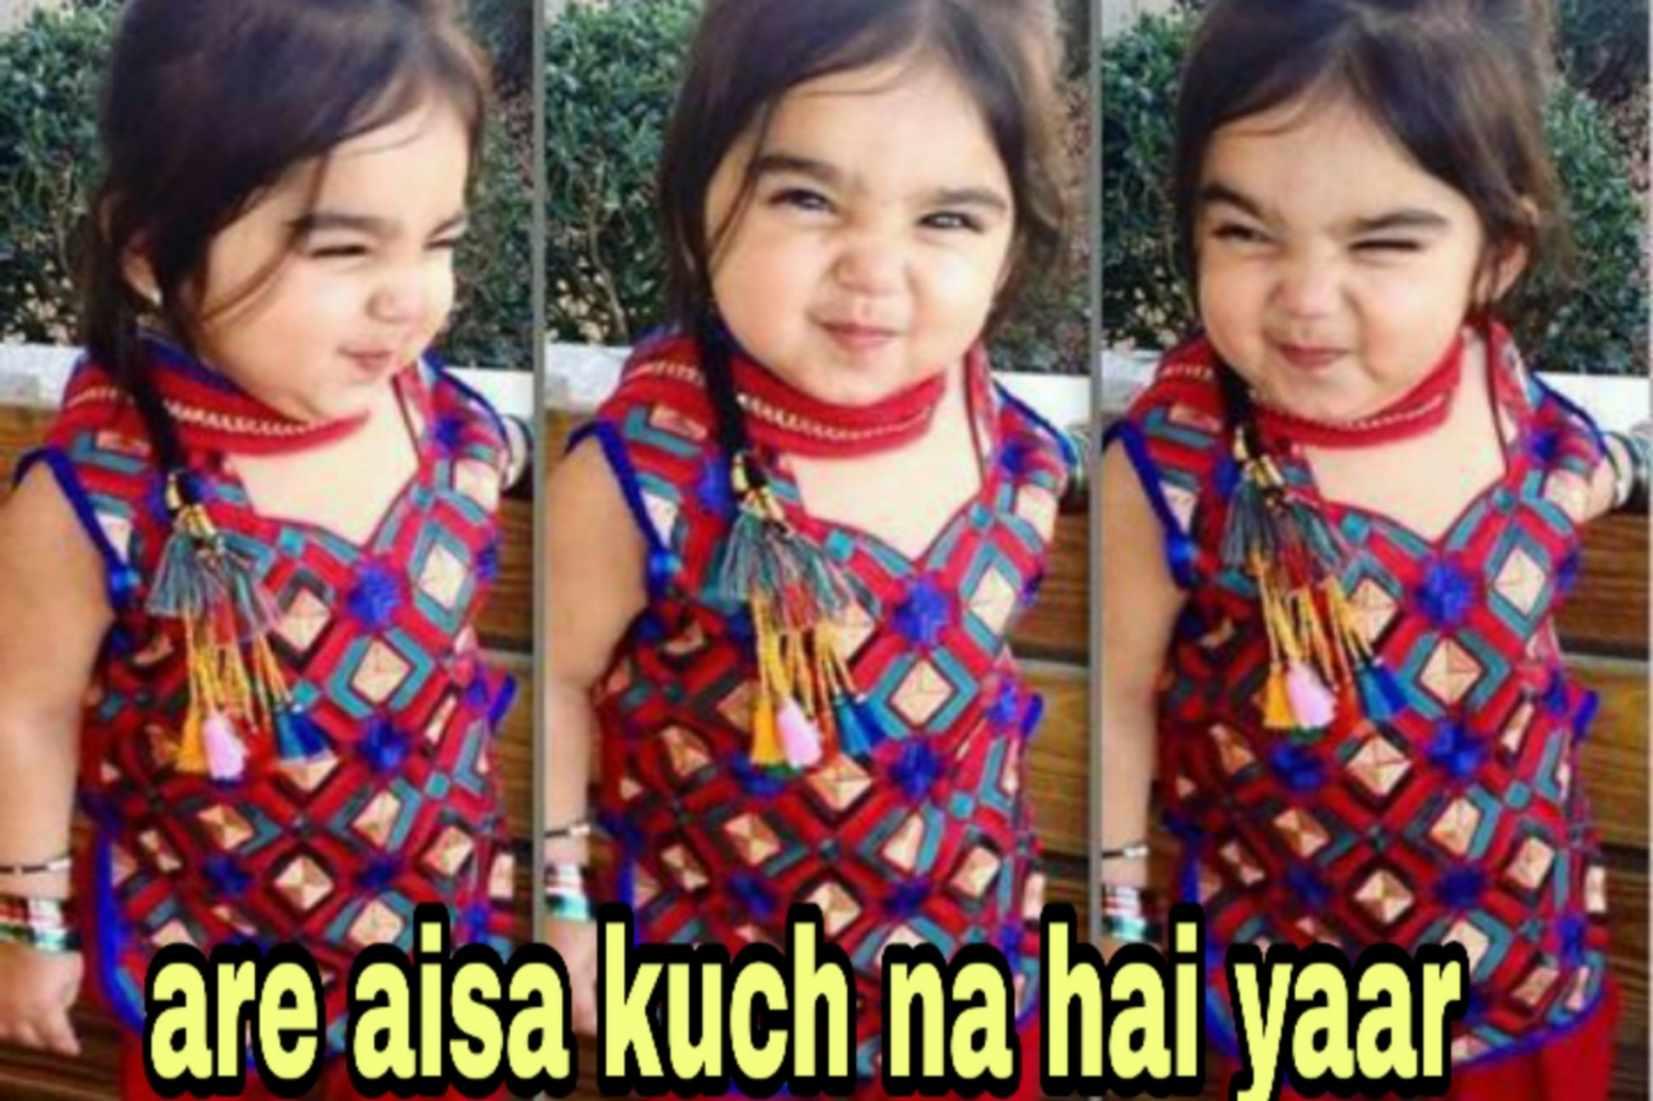 are aisa kuch nahi hai yar cute child meme template